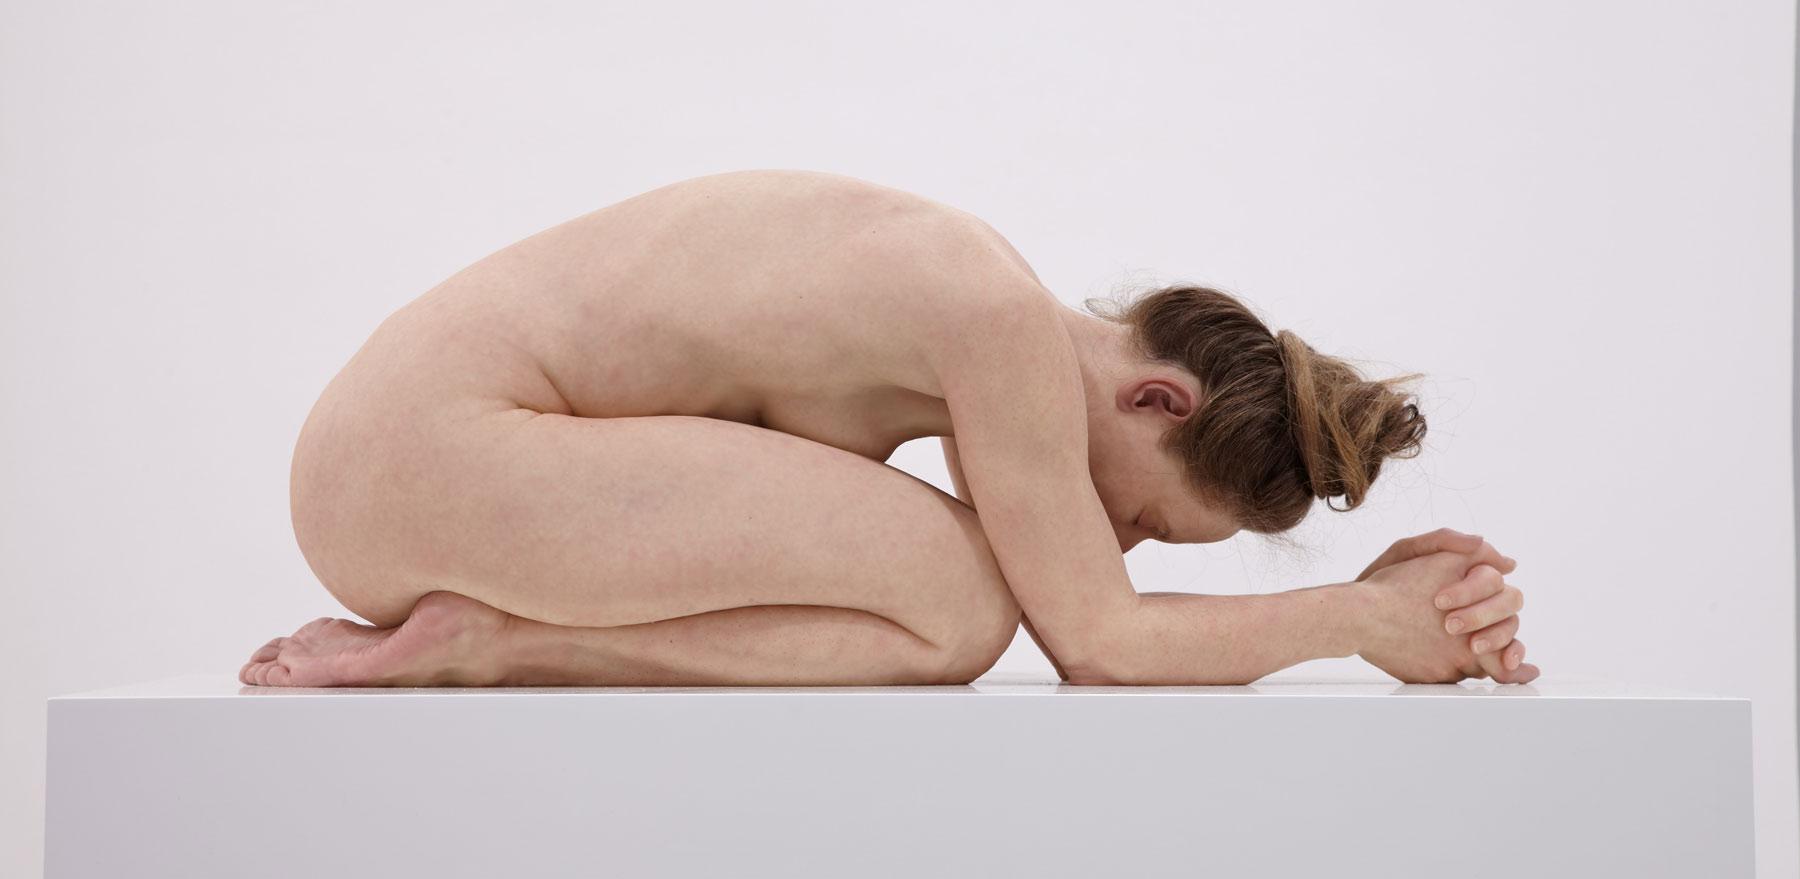 Questi corpi... non sono corpi, ma statue. In Belgio una grande mostra di scultura iperrealista